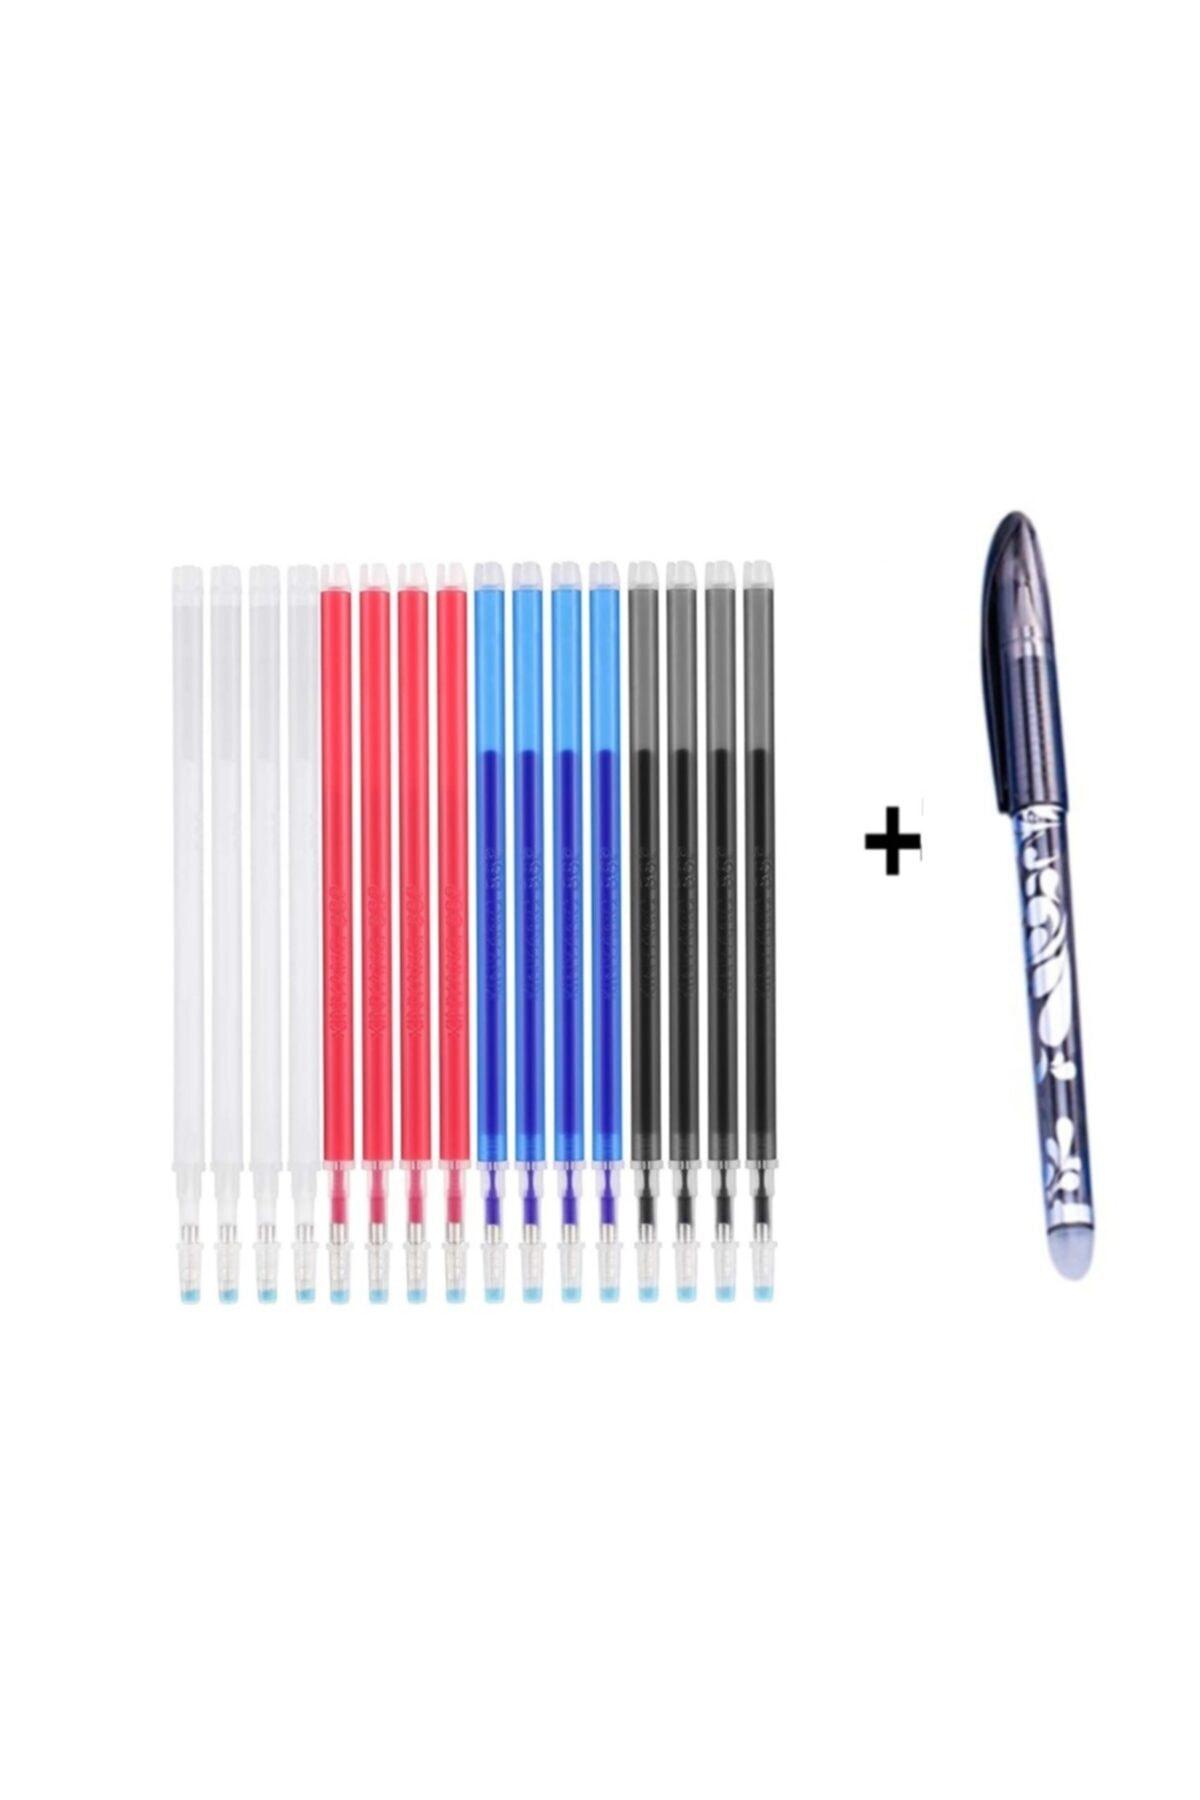 Isı Ve Ütu Ile Uçan 16 Adet Kalem Içi 4 Renk Kalem Ucu 1. Mm